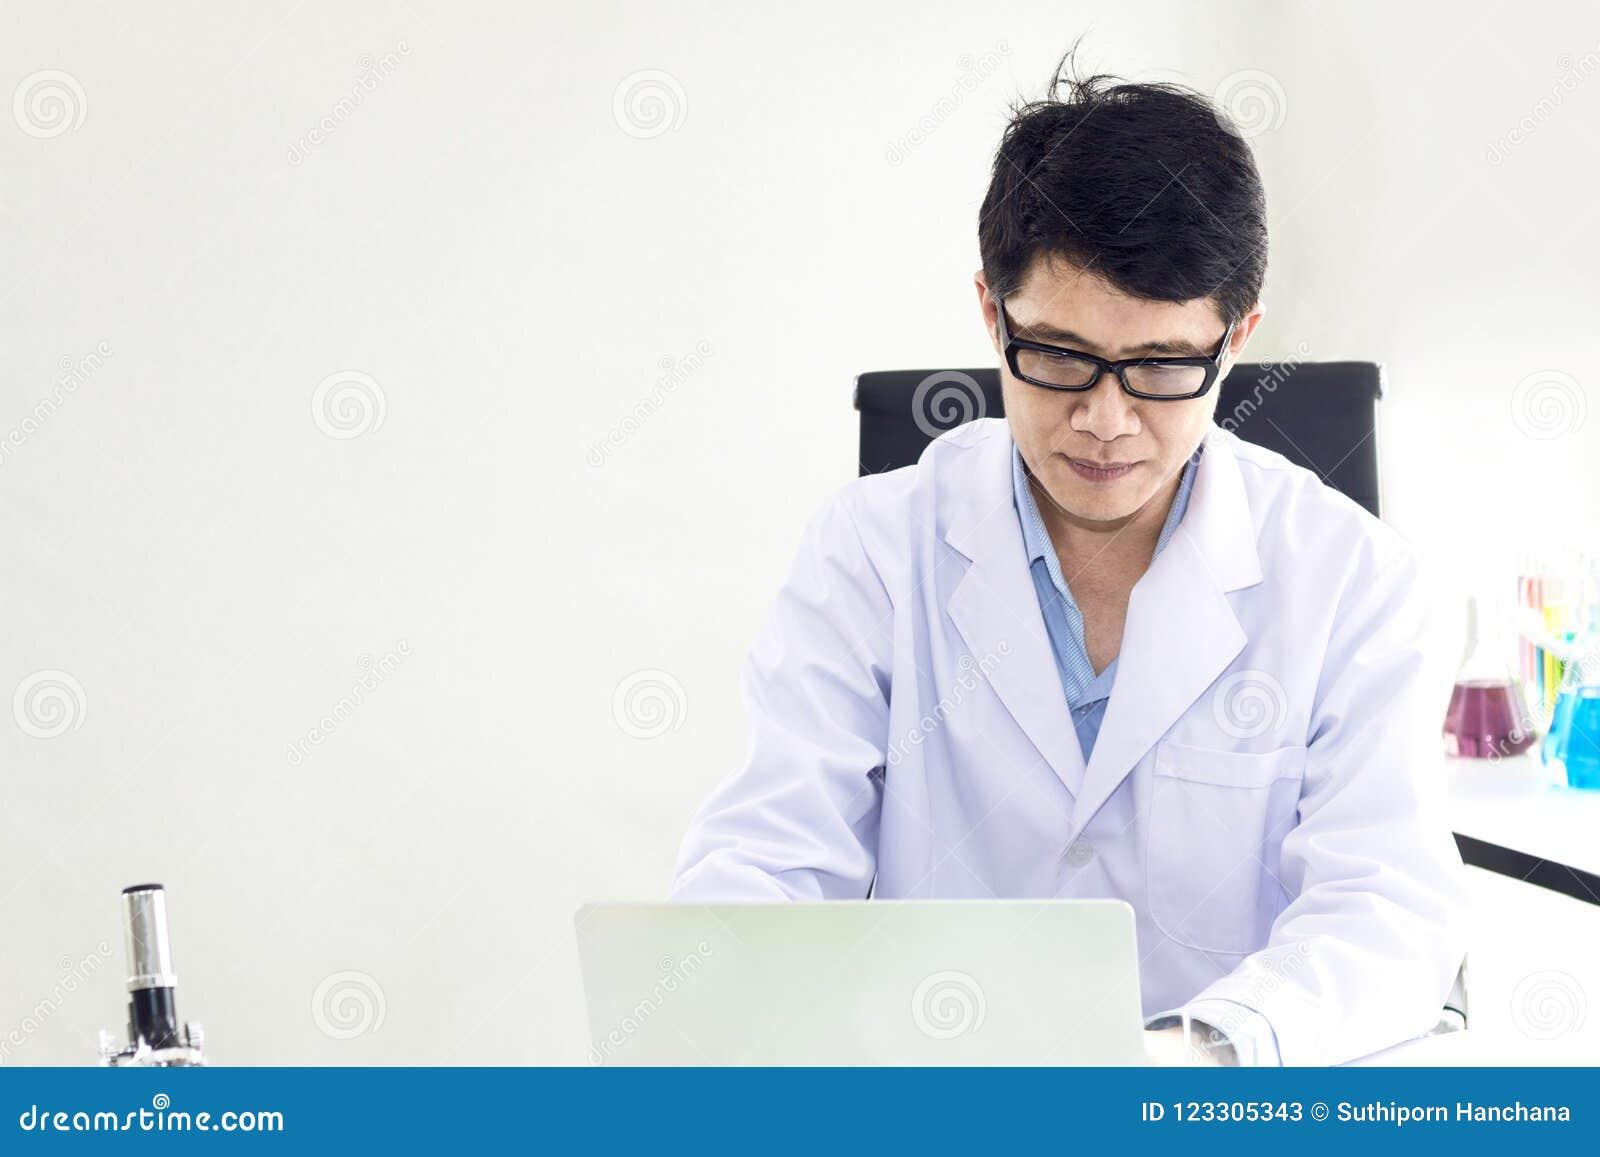 Portret van een glimlachende rijpe wetenschapper in een witte laag met glas